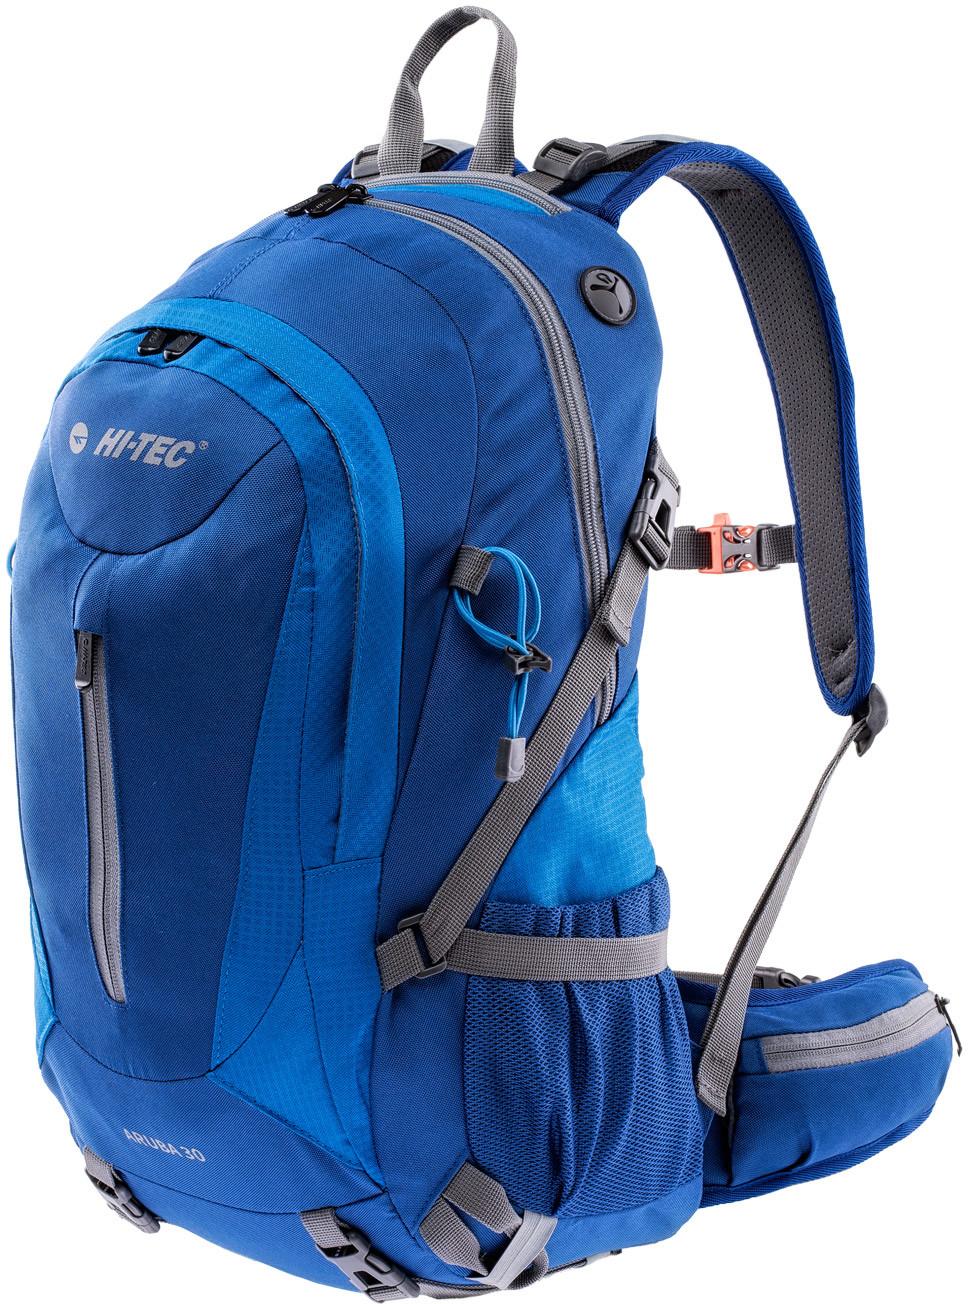 Hi-Tec Plecak Aruba Trekkingowy 30L Turystyczny